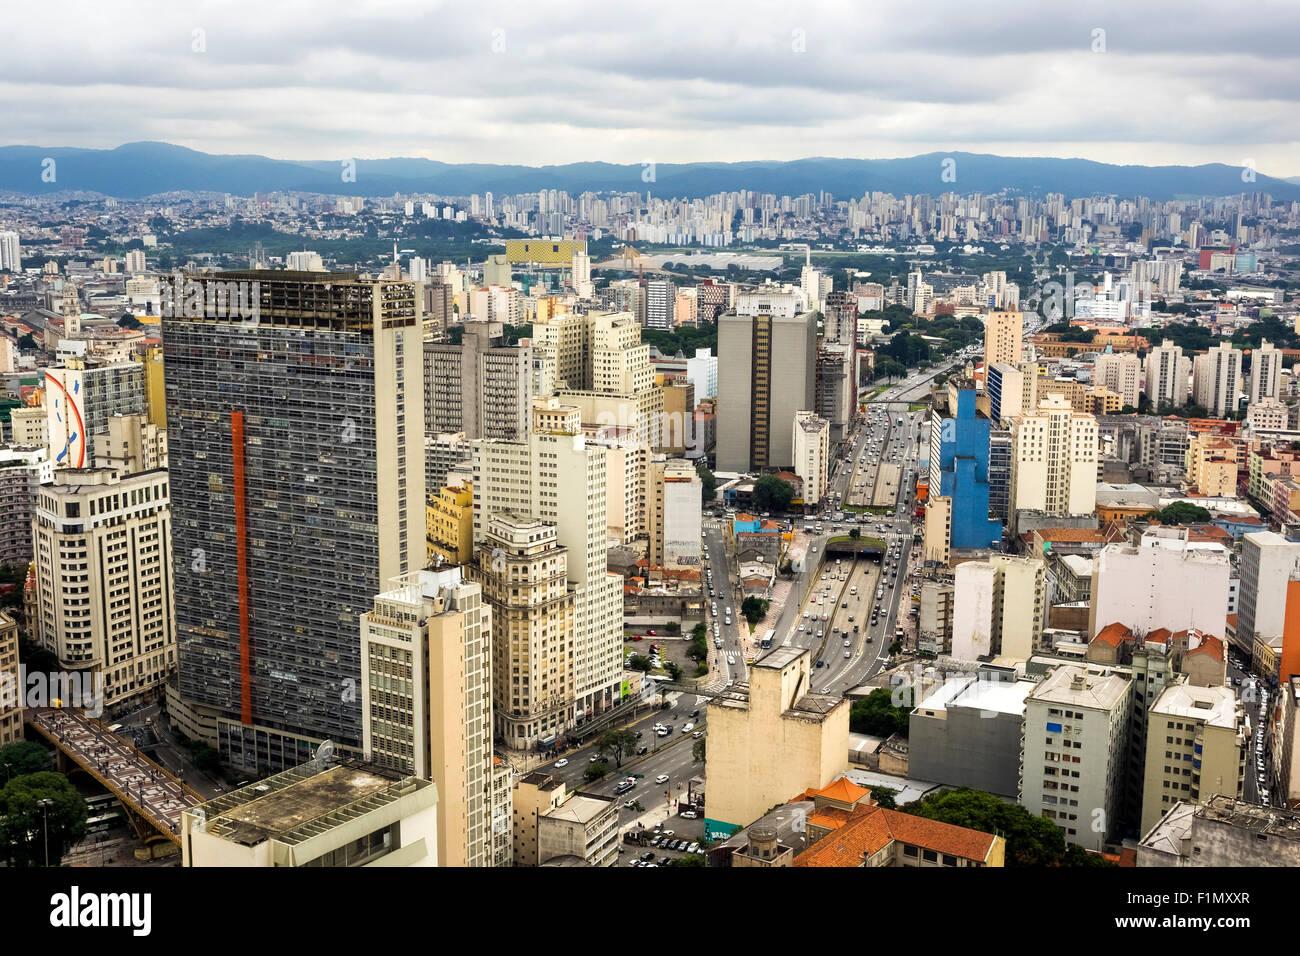 Vista aerea di Sao Paulo cityscape, Brasile. Immagini Stock